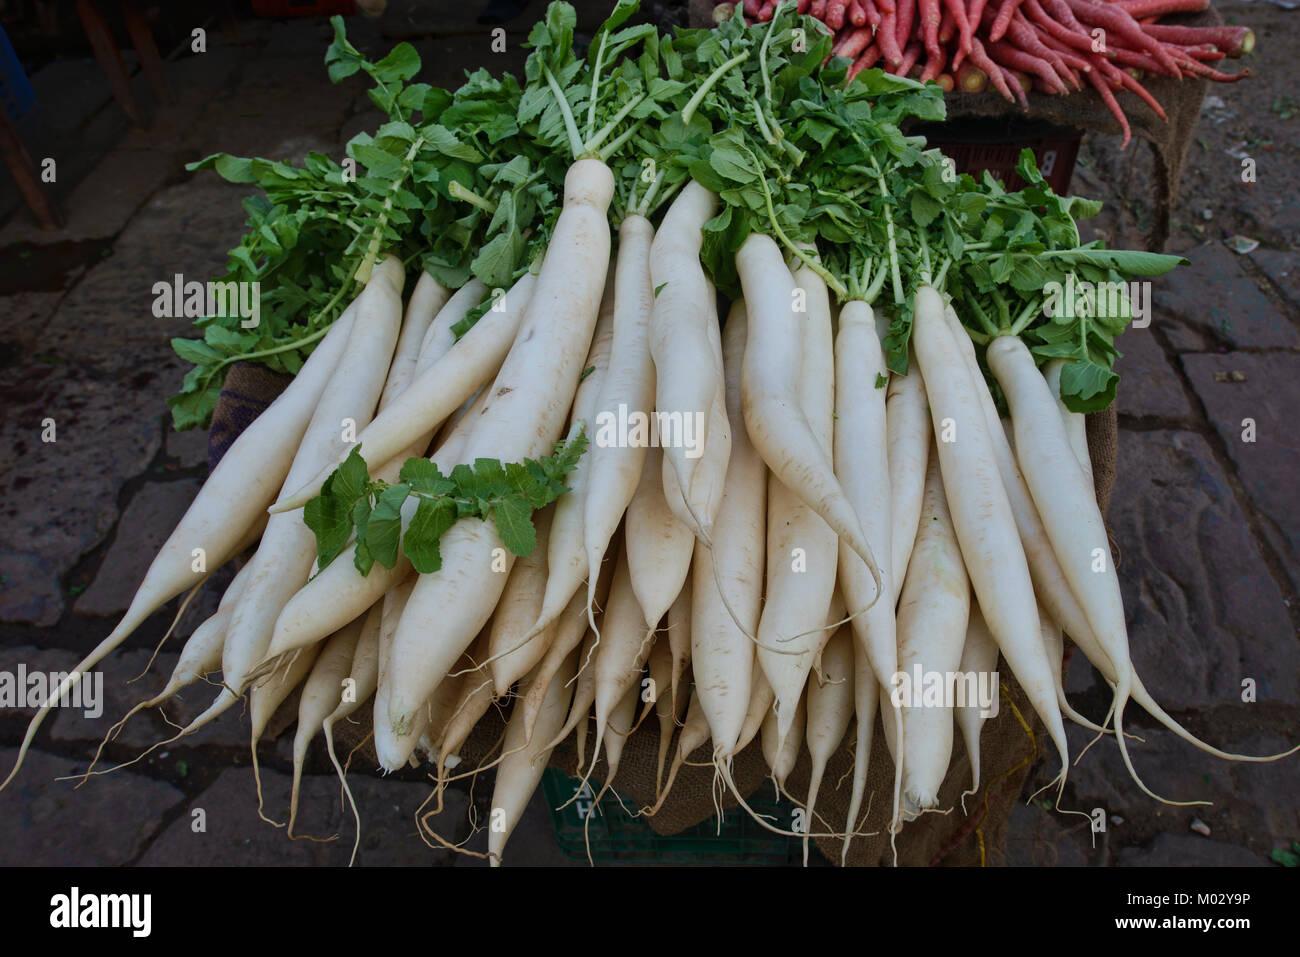 ndian White Radish, Mooli, Muli - Stock Image